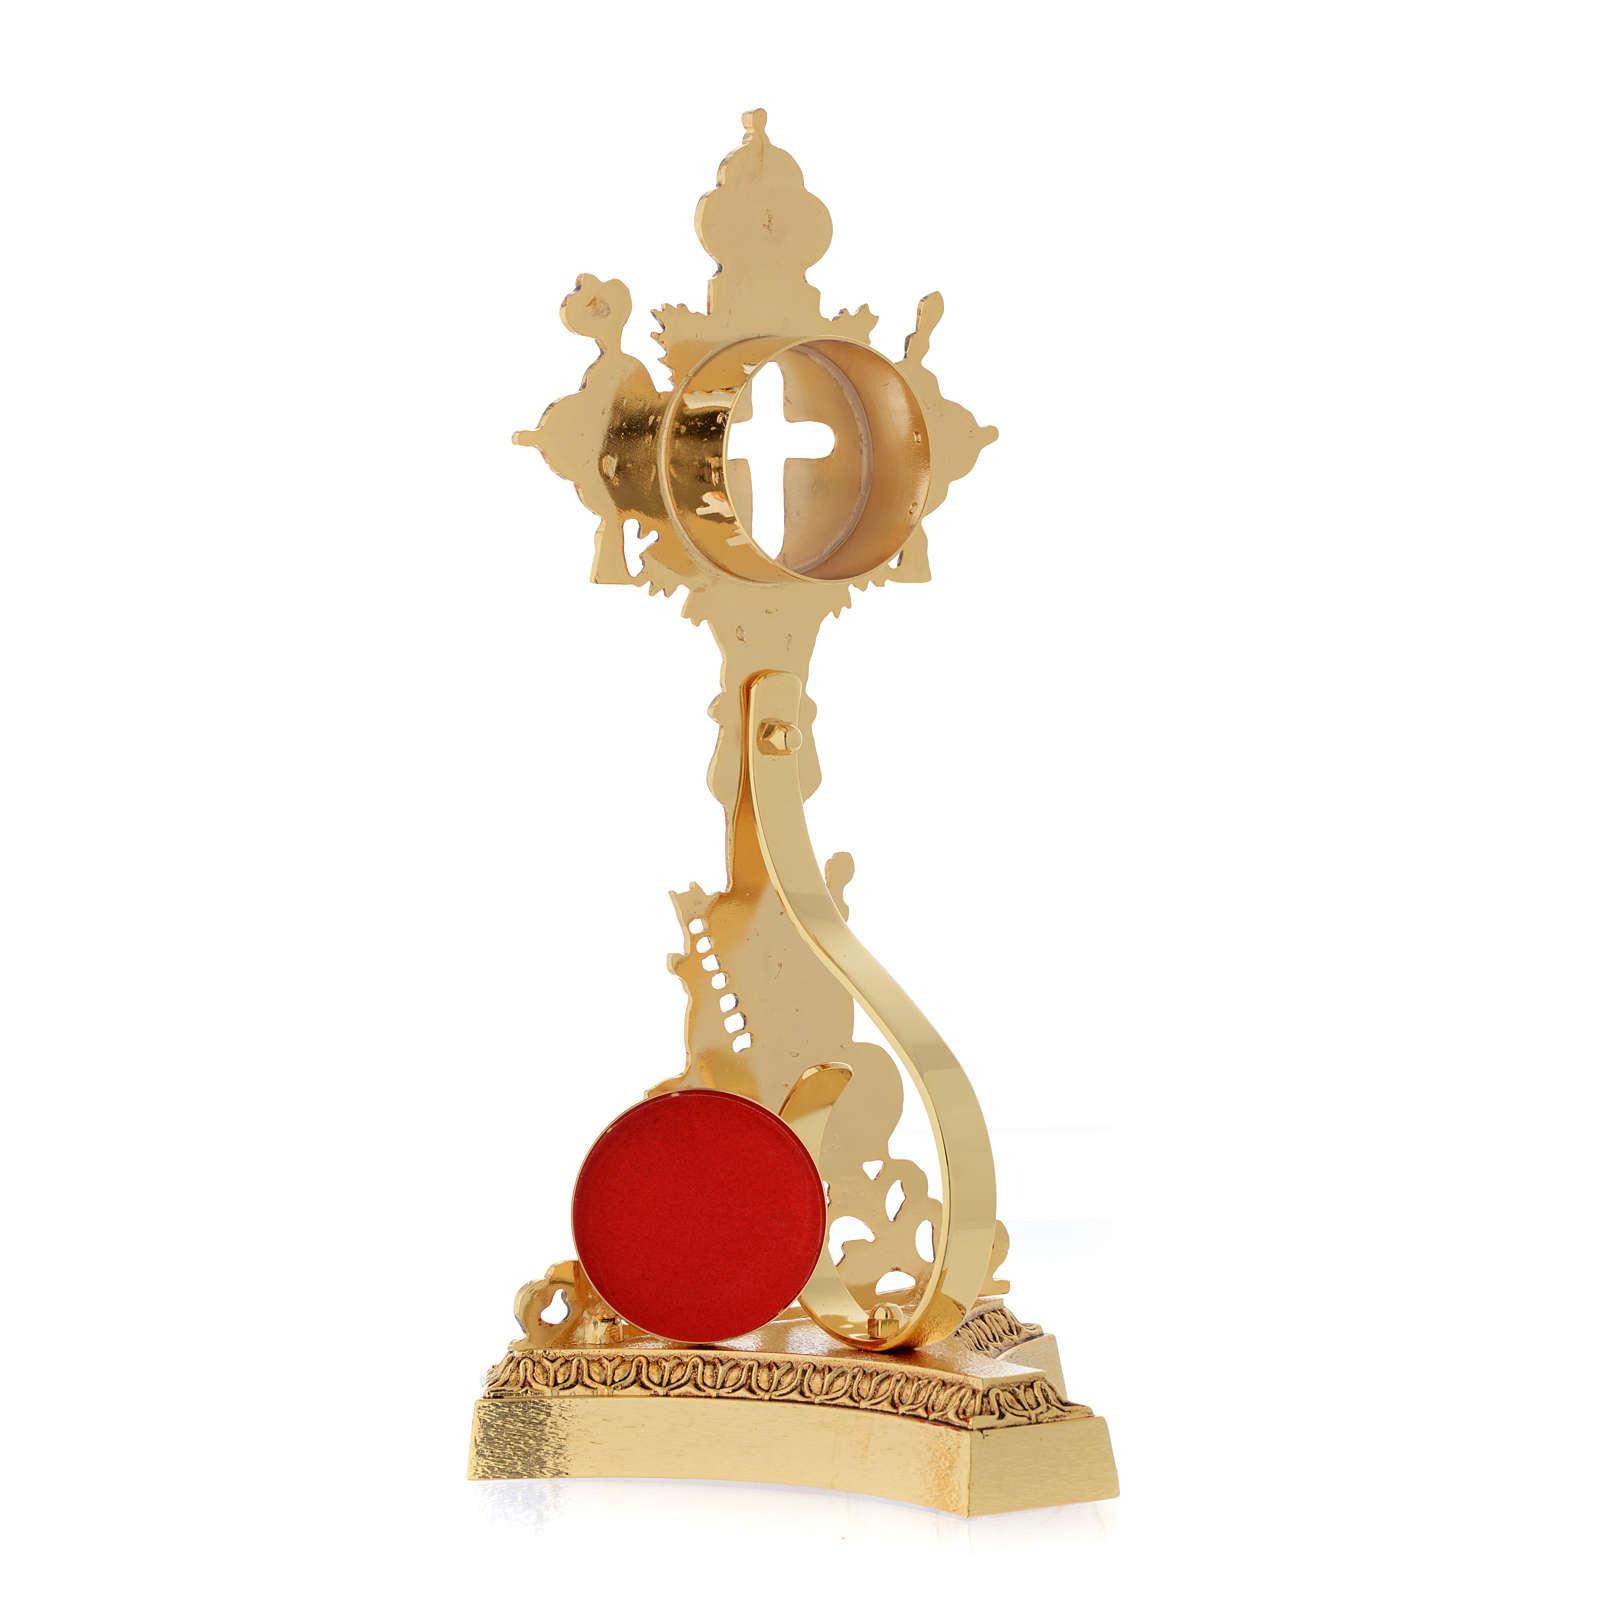 Reliquiar des heiligen Kreuzes aus Messing 4